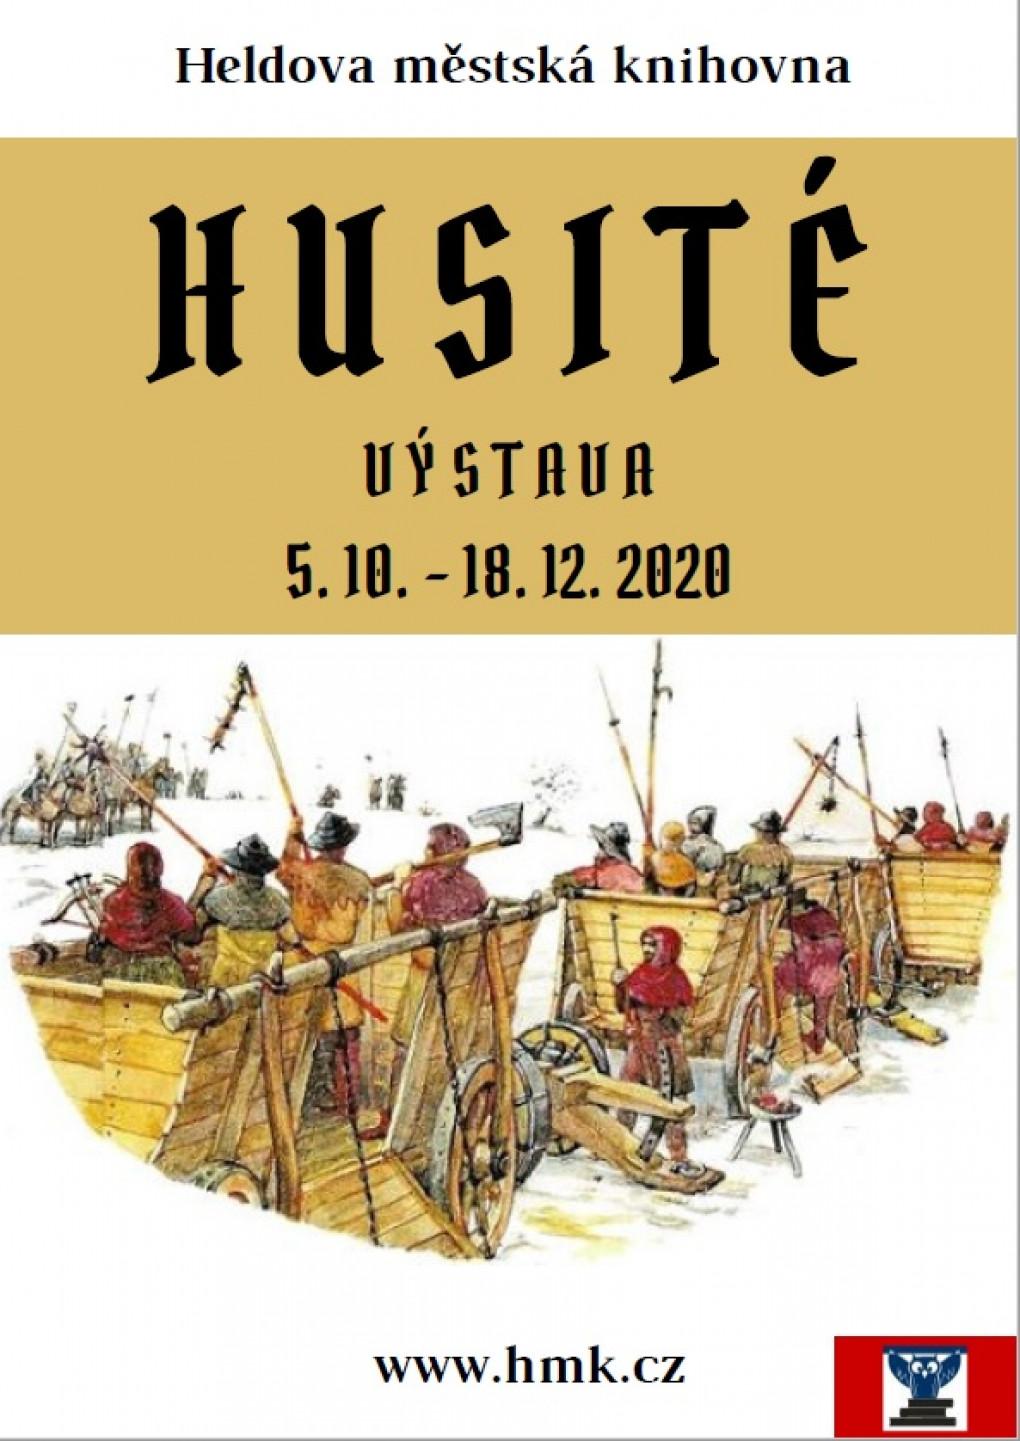 husite-jpg.jpg